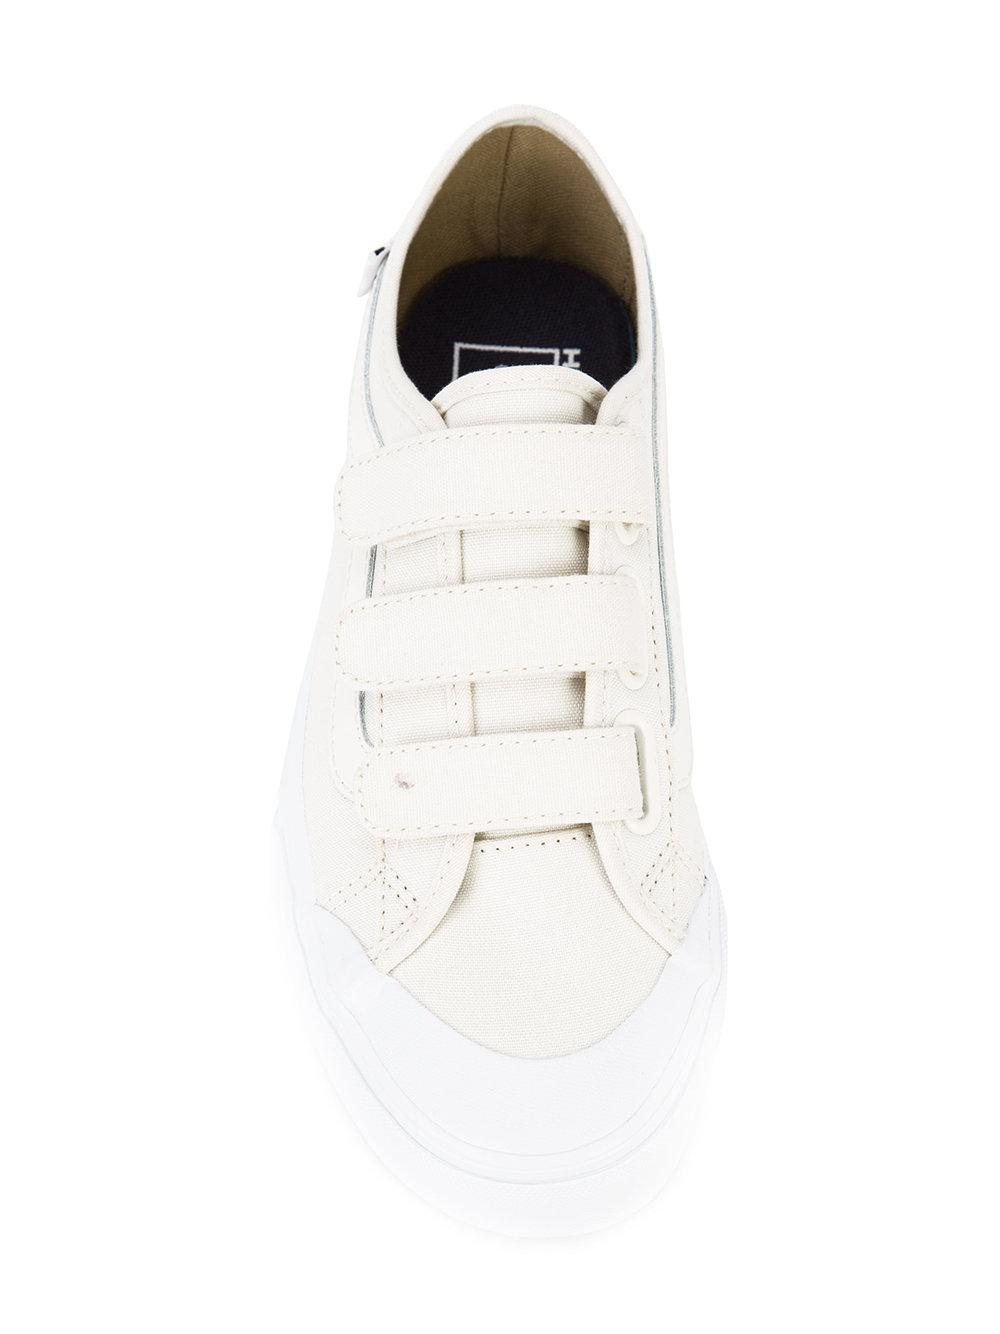 Vans Canvas Hook & Loop Fastening Sneakers in White